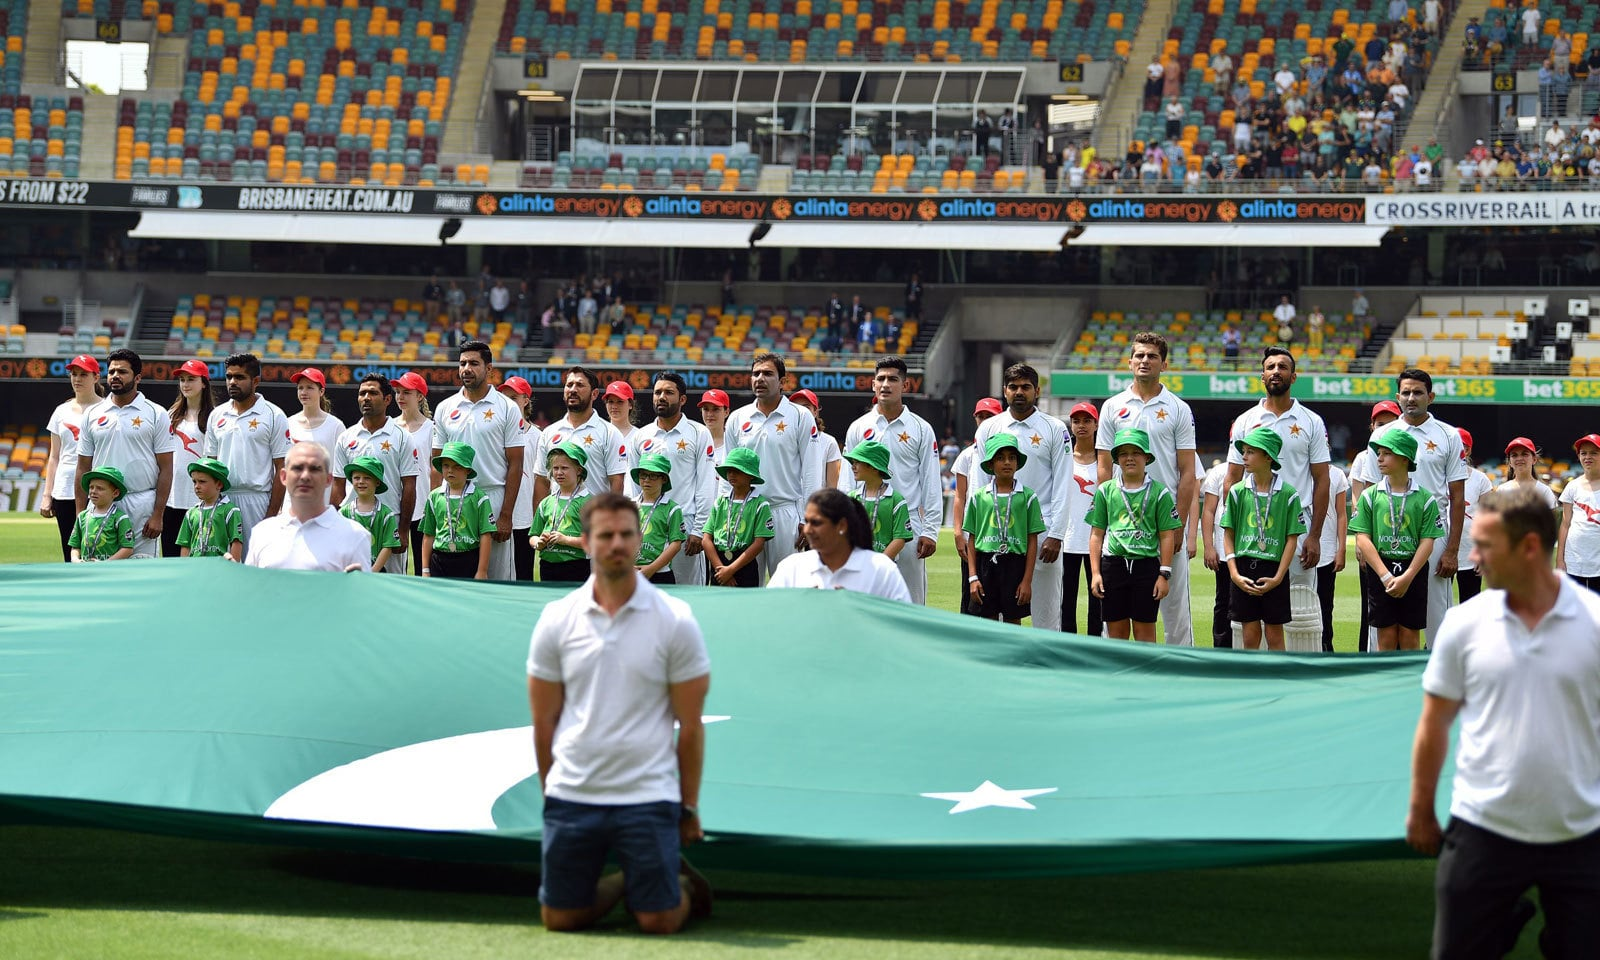 میچ کے آغاز سے قبل پاکستان اور آسٹریلیا کا قومی ترانہ بجایا گیا — فوٹو: اے ایف پی